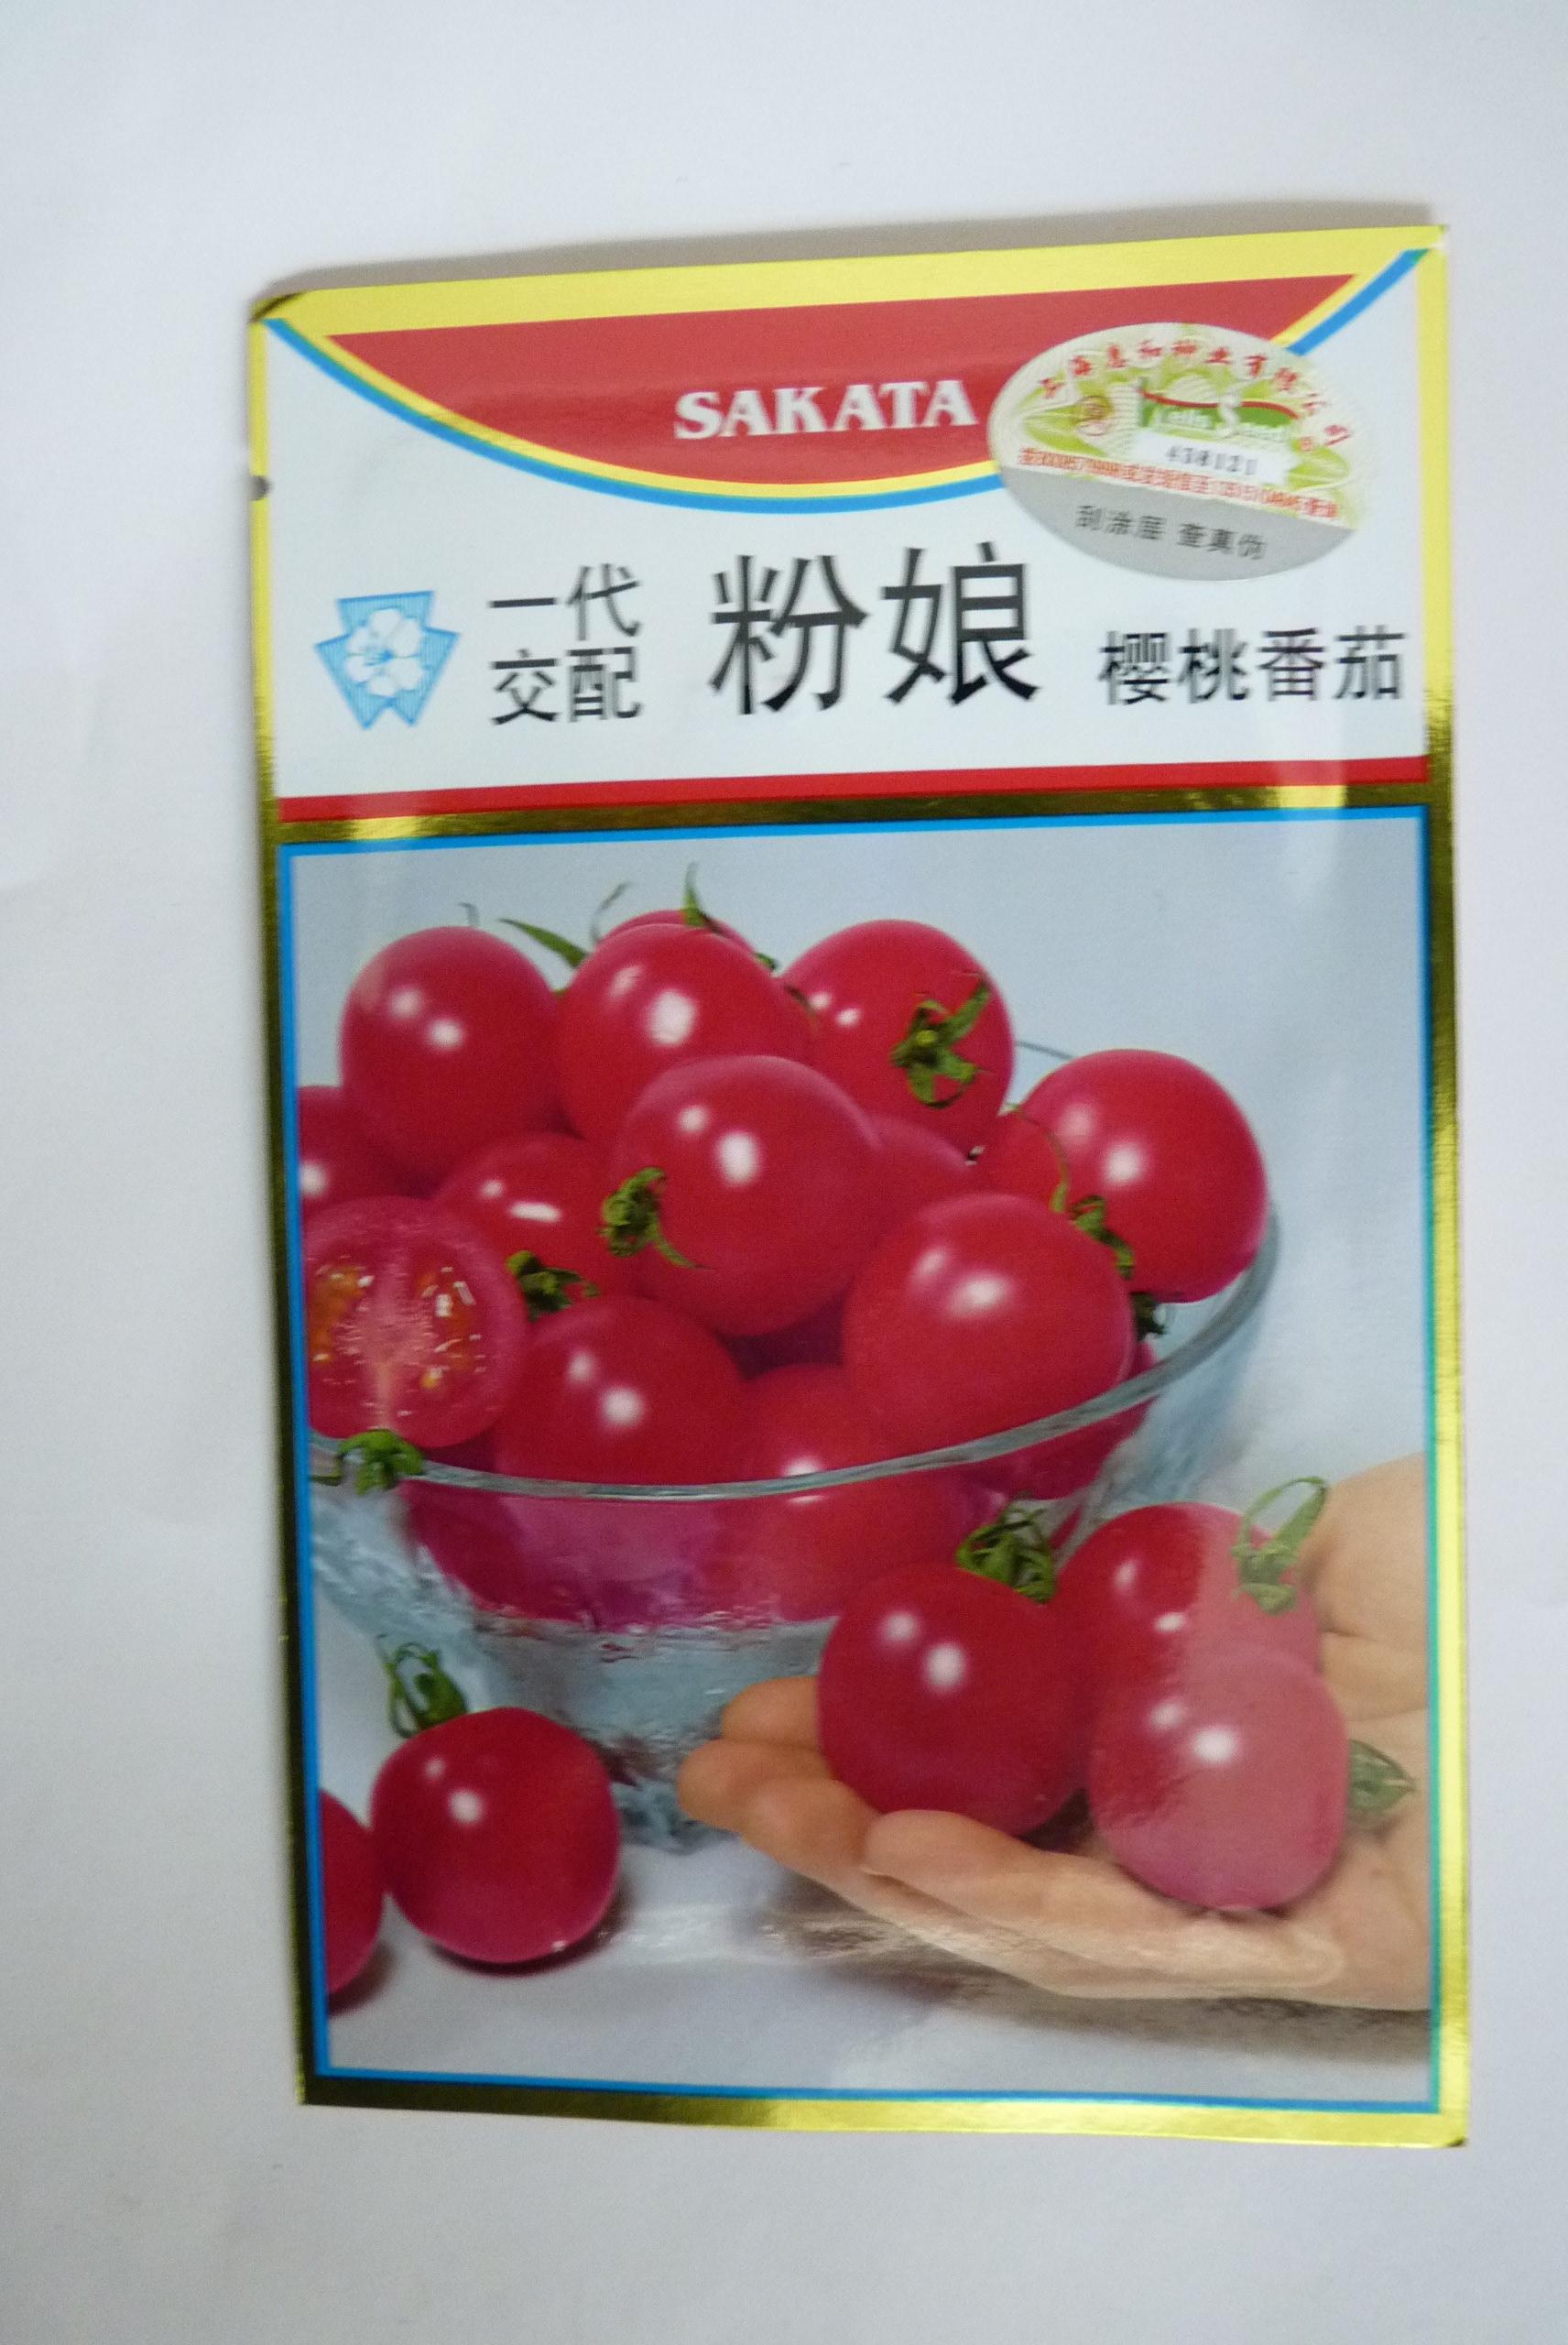 粉娘-番茄种子